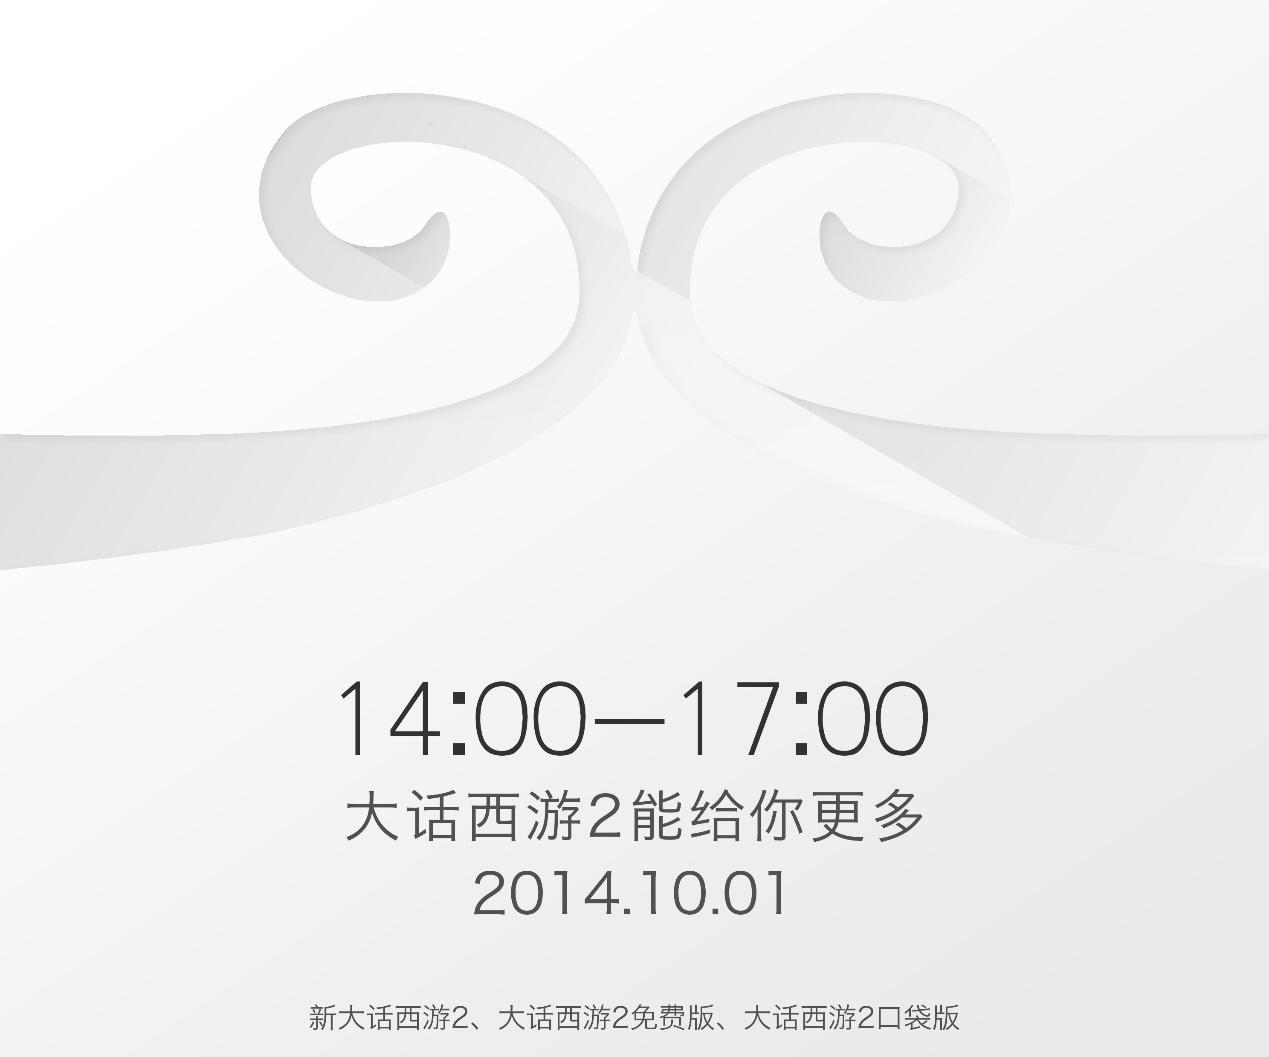 新大话西游2红包节大曝光 参与100%中奖